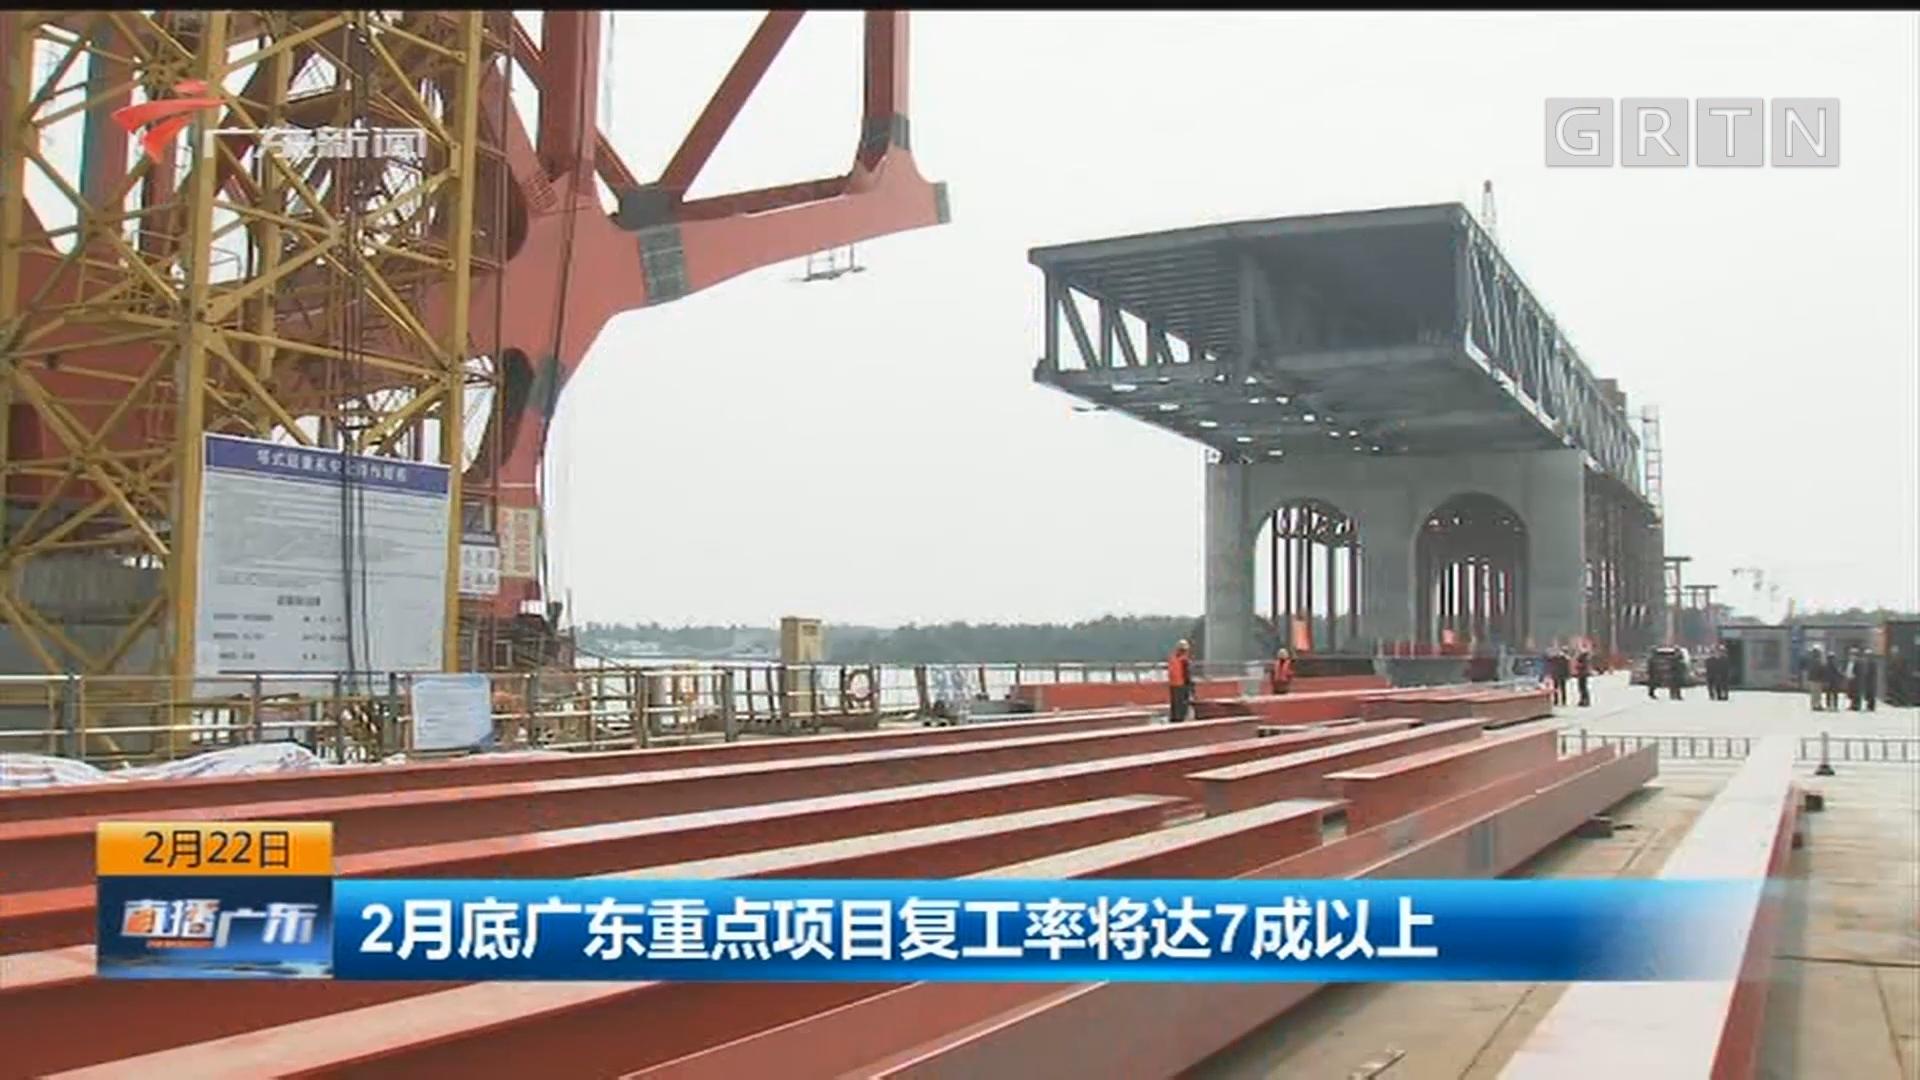 2月底广东重点项目复工率将达7成以上